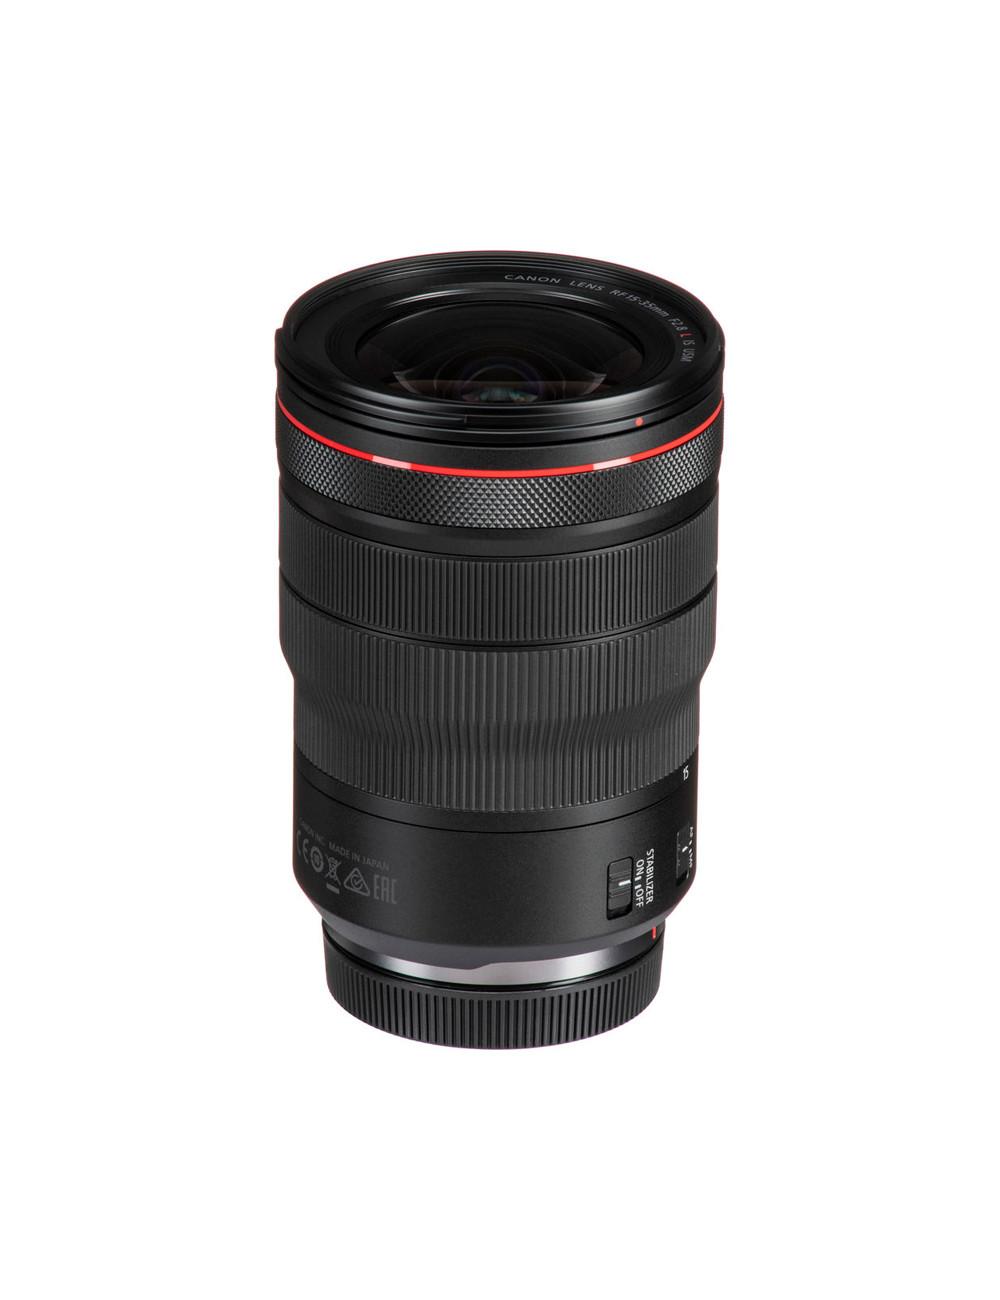 Flash Meike para Sony compacto, liviano, con TTL y HSS, modelo MK320-S